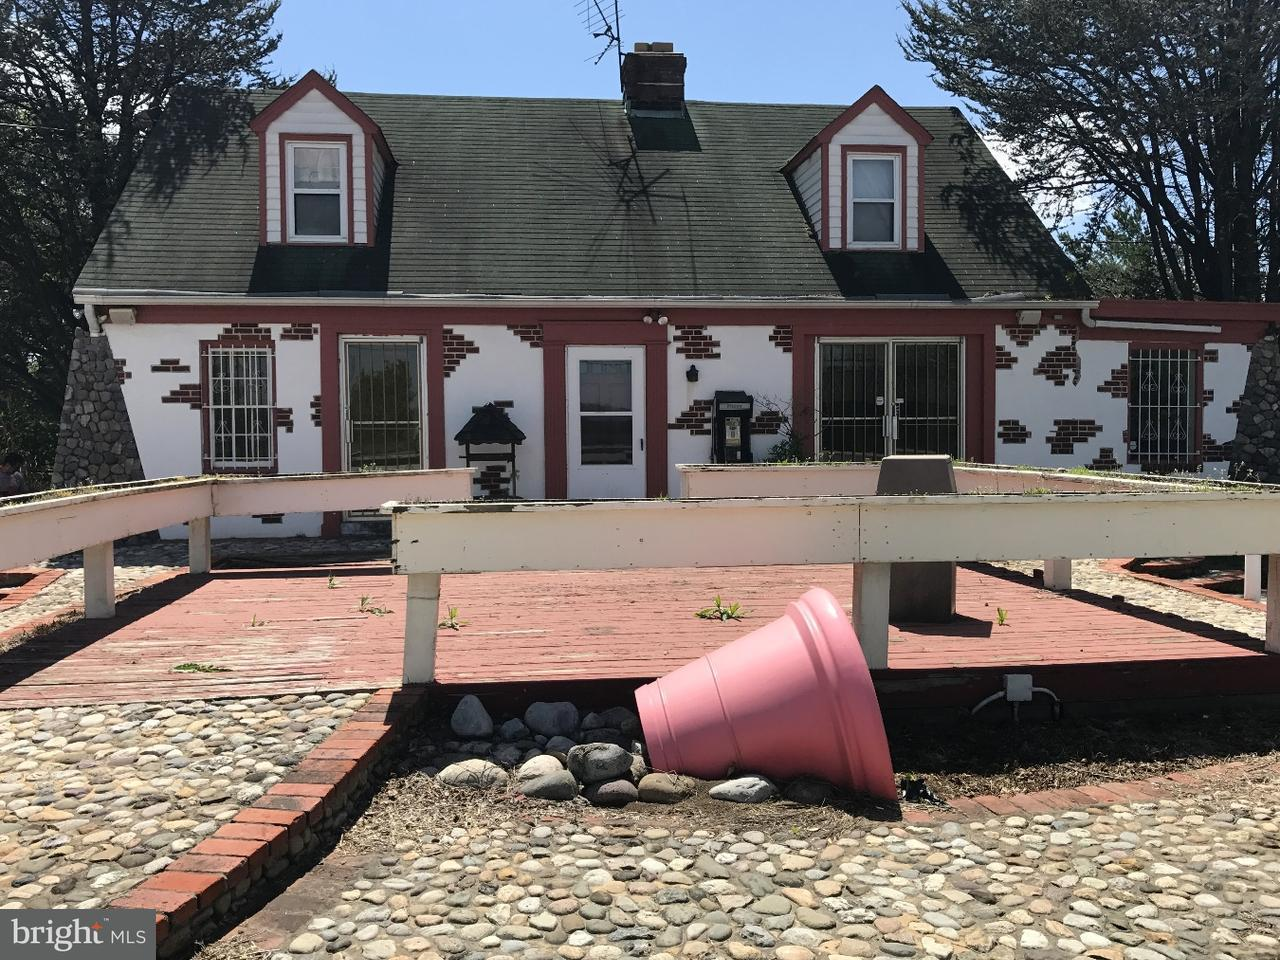 独户住宅 为 销售 在 341-437 GAP NEWPORT PIKE Avondale, 宾夕法尼亚州 19311 美国